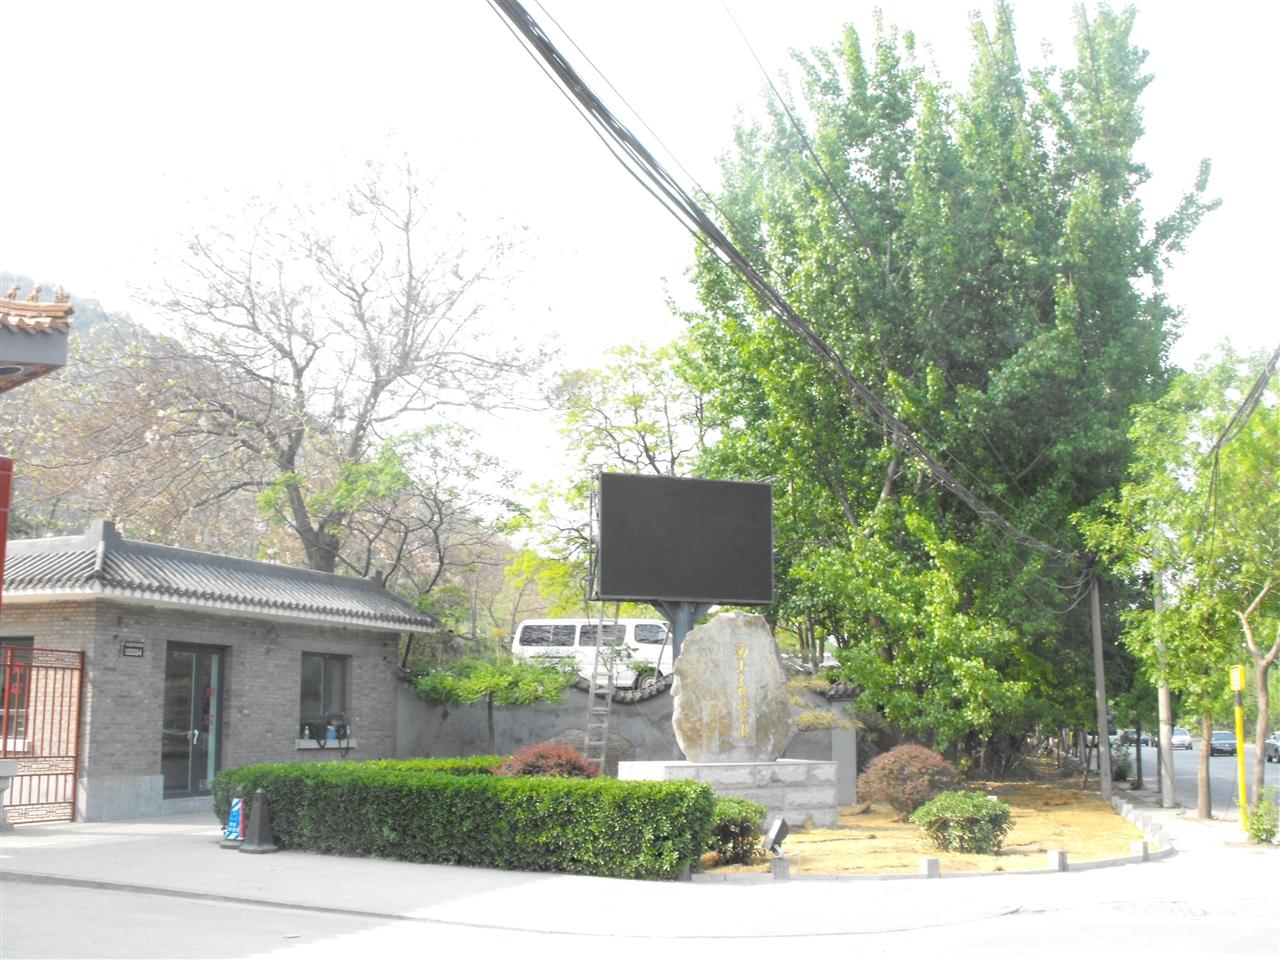 ?#26412;?#26790;天光电子有限公司携手首都园林绿化管理处,承制?#26412;?#30334;望山国家森林公园室外LED全彩显示屏项目